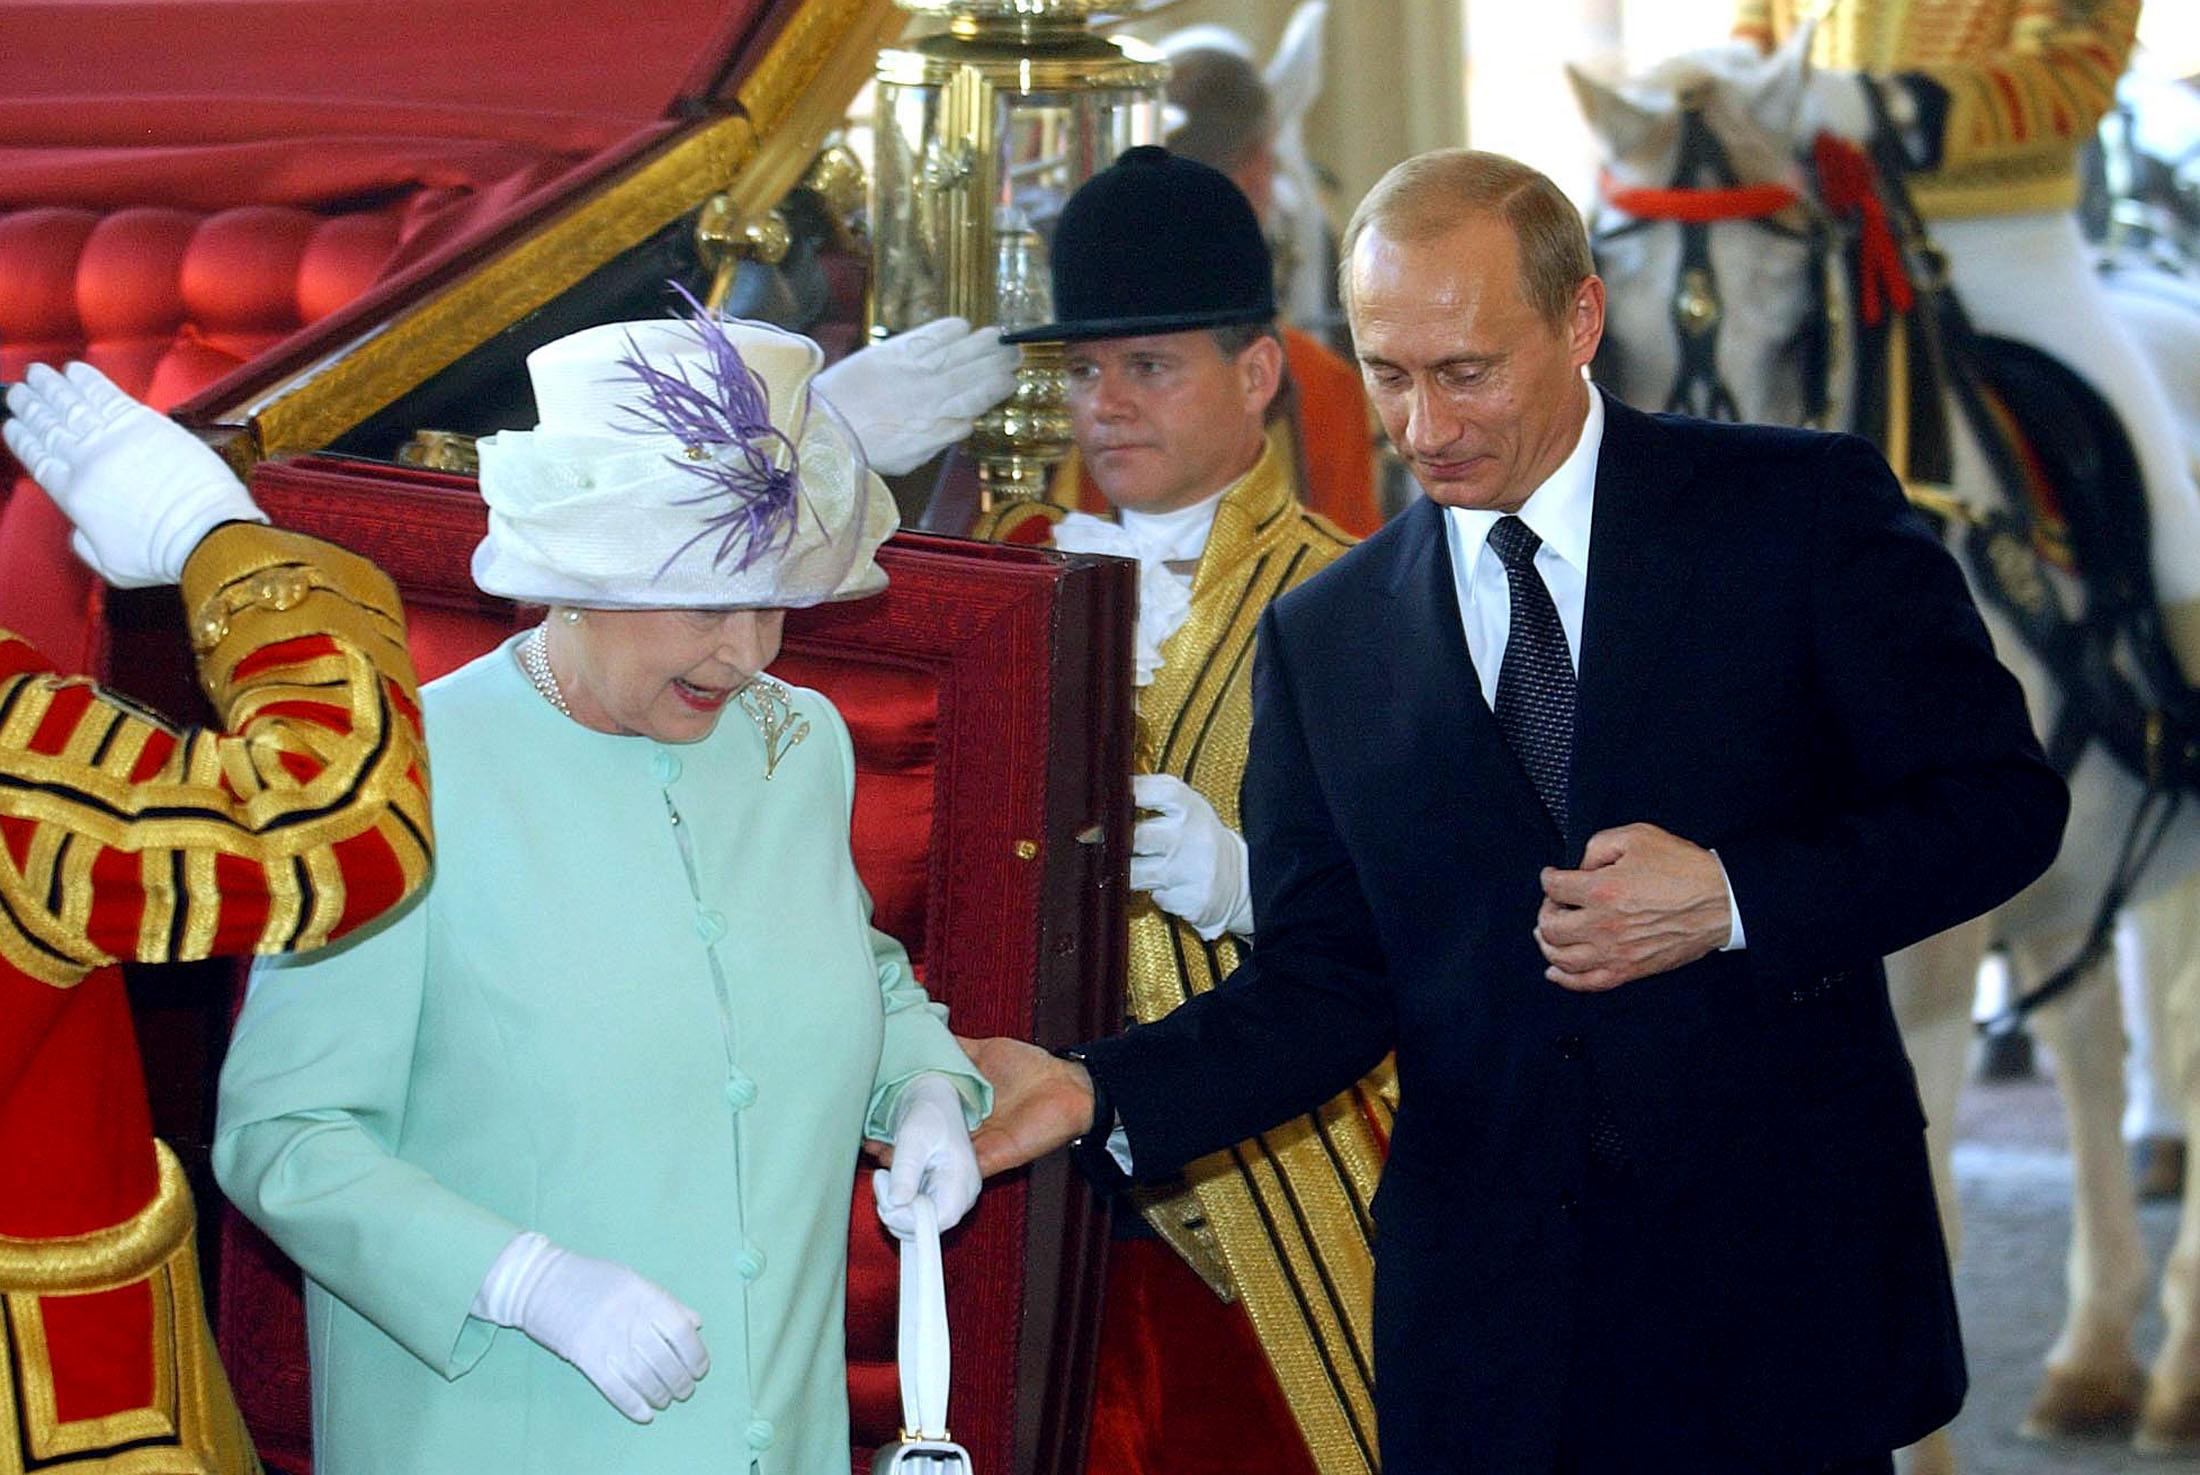 Heute feiert die britische Queen Elisabeth II. ihren 90. Geburtstag. Auf dem Foto ist sie mit Wladimir Putin während eines Treffens in London im Juni 2003 zu sehen.